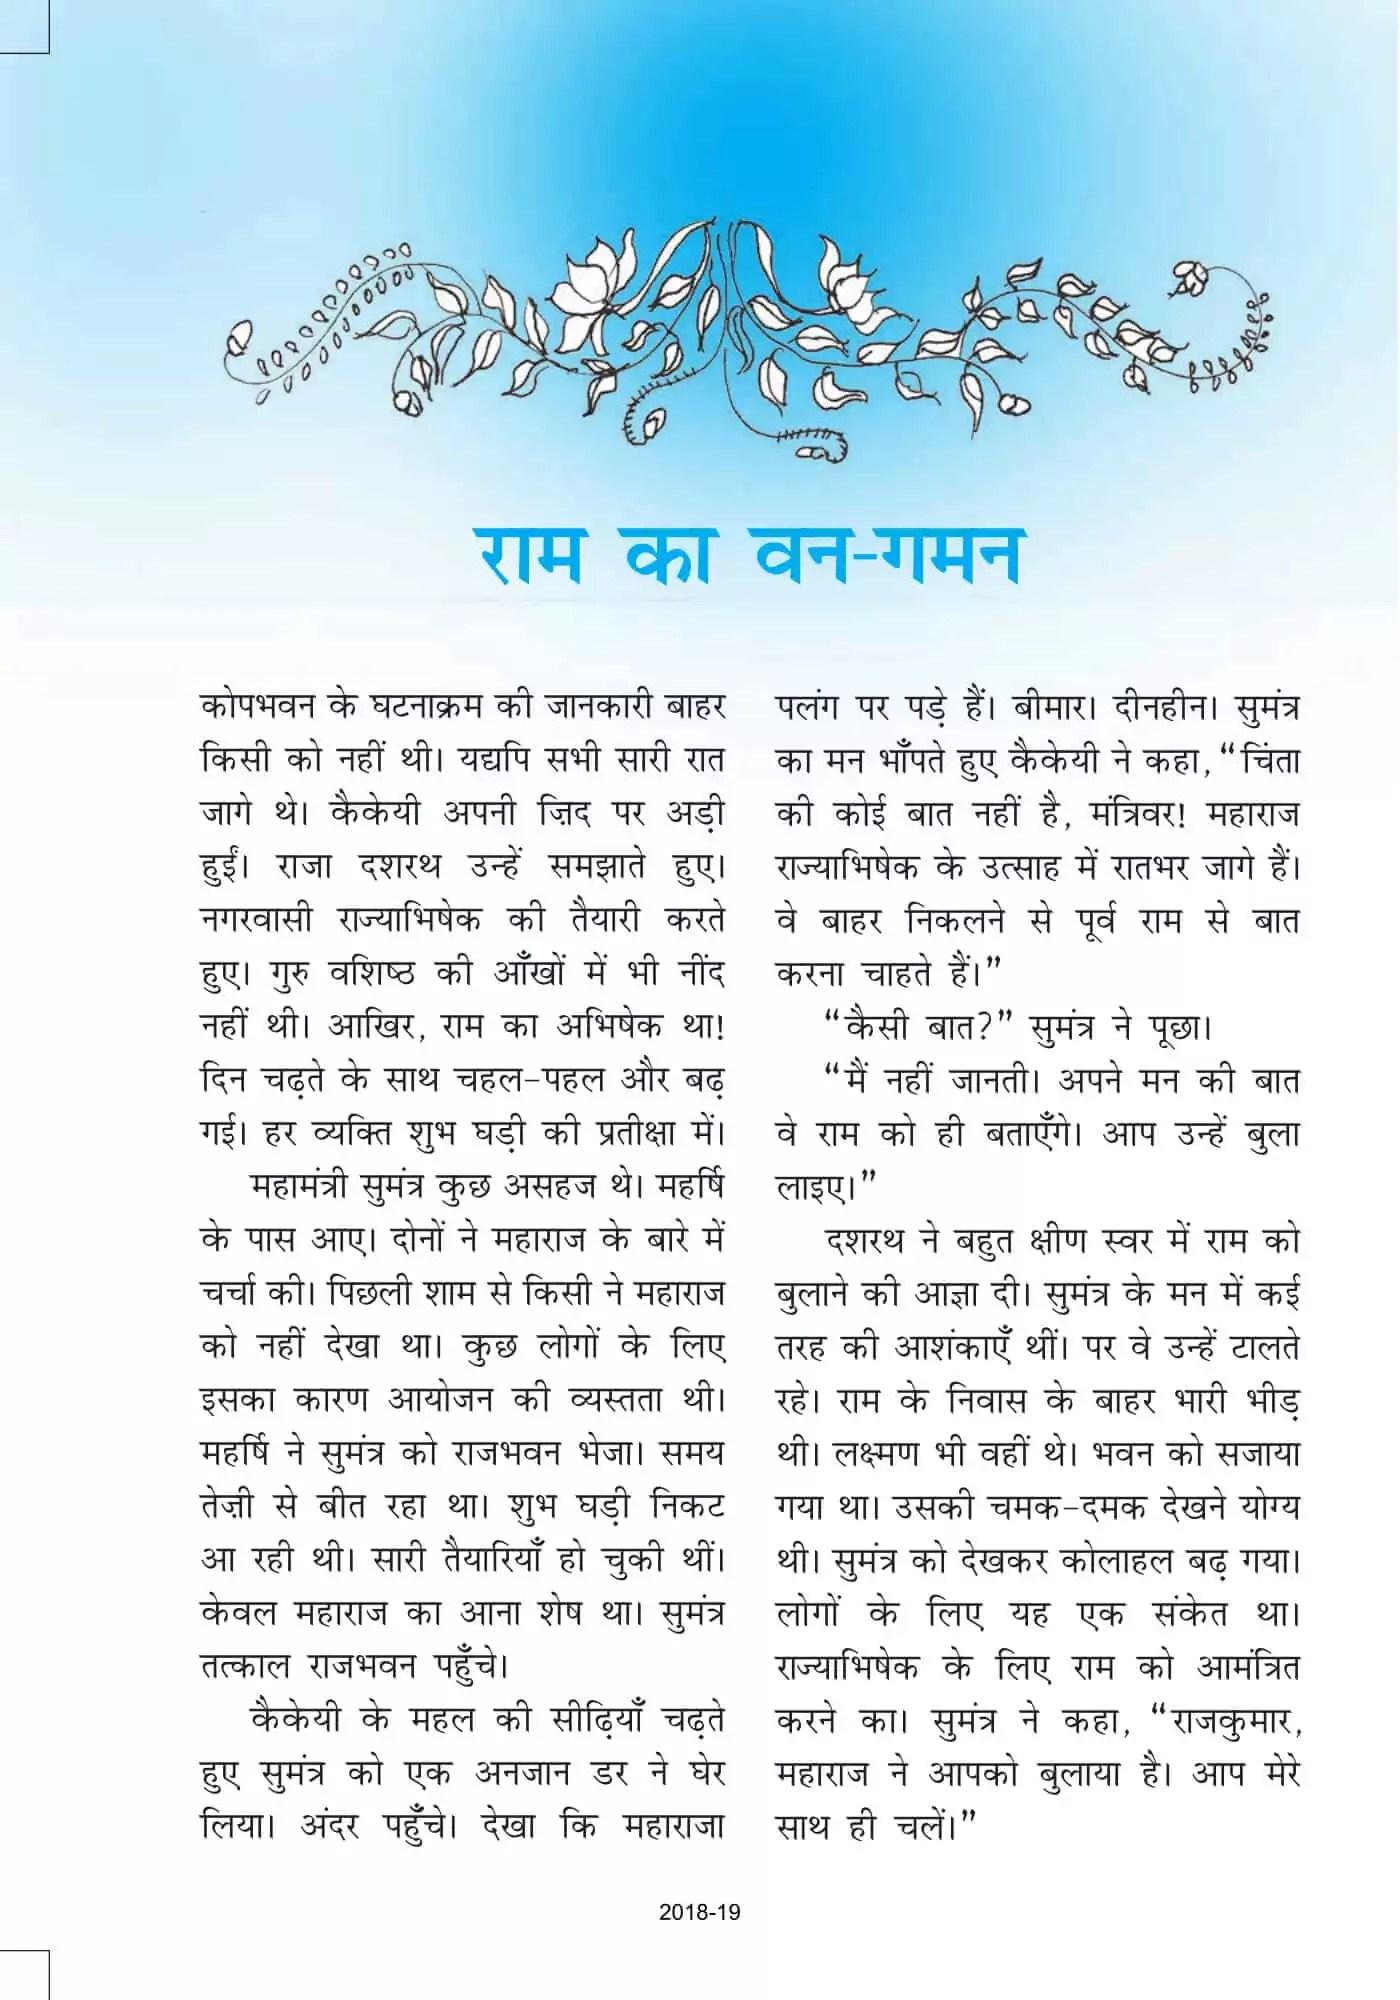 NCERT Solutions For Class 6 Hindi Bal Ram Katha Chapter 4 - राम